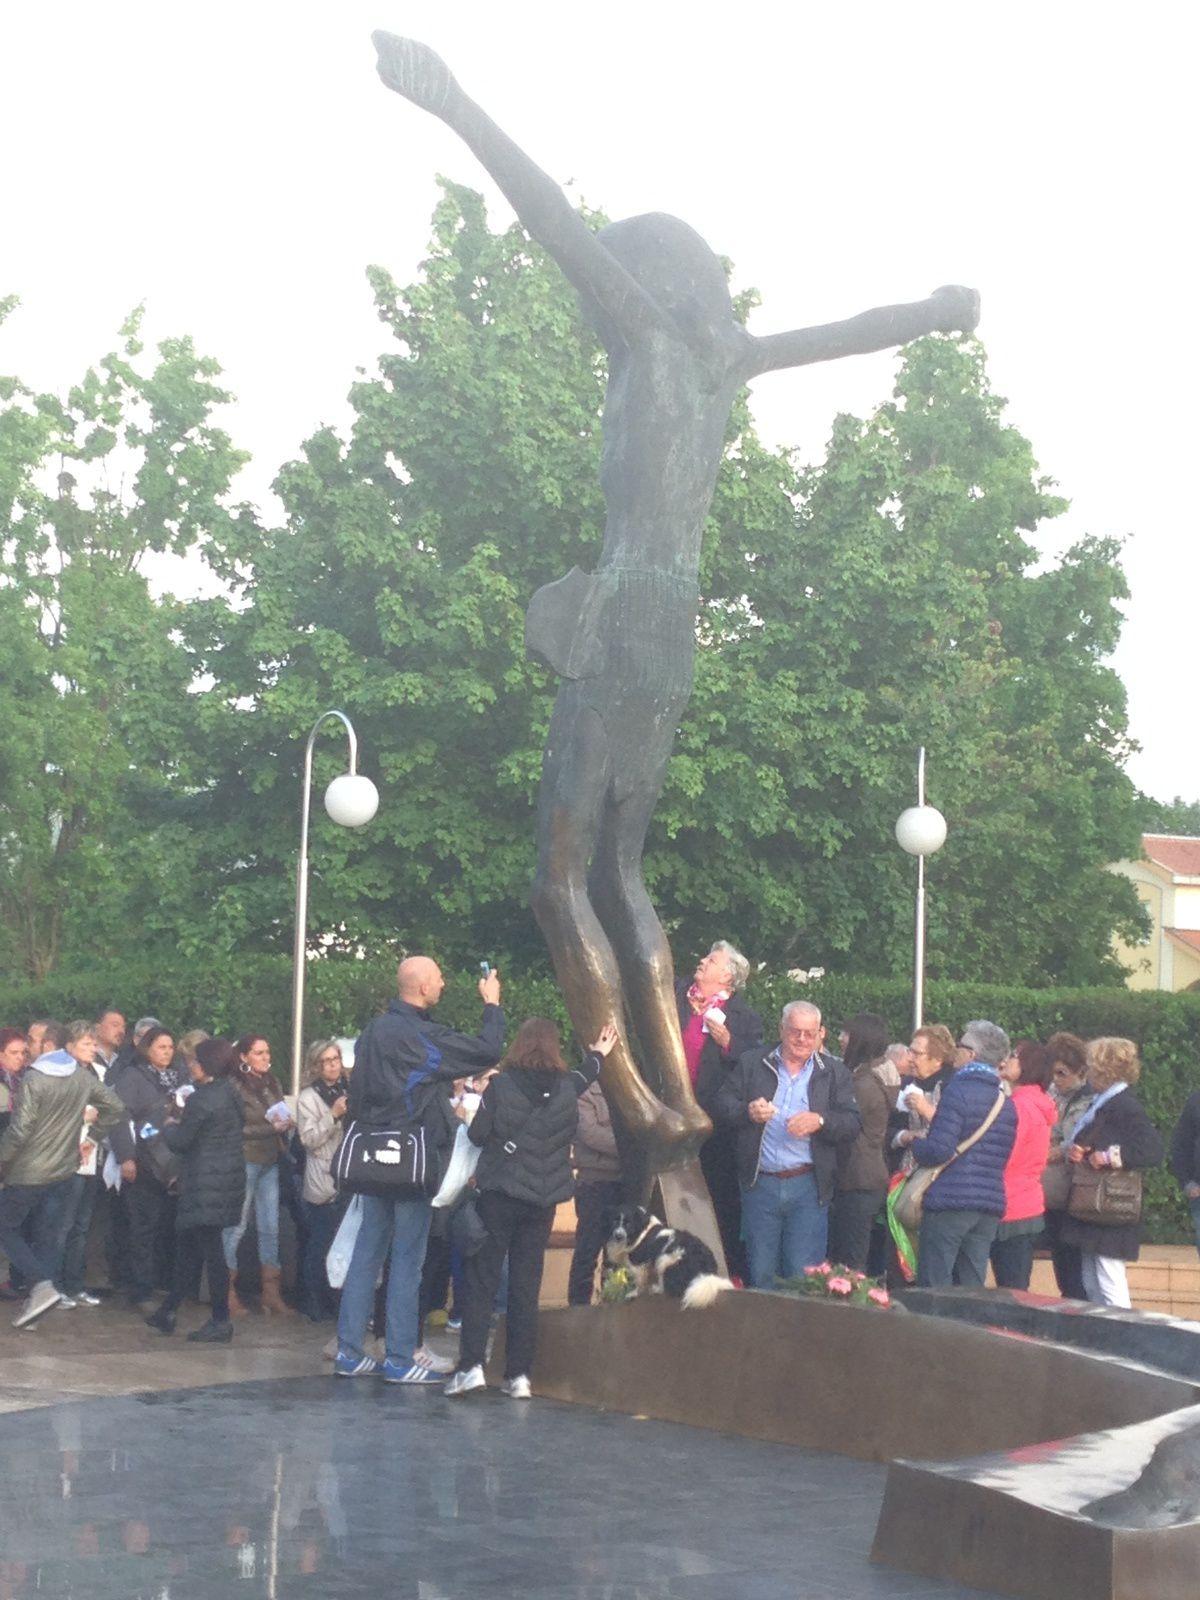 la statue du Christ ressuscité à Medjugorje, les pèlerins se recueillent.